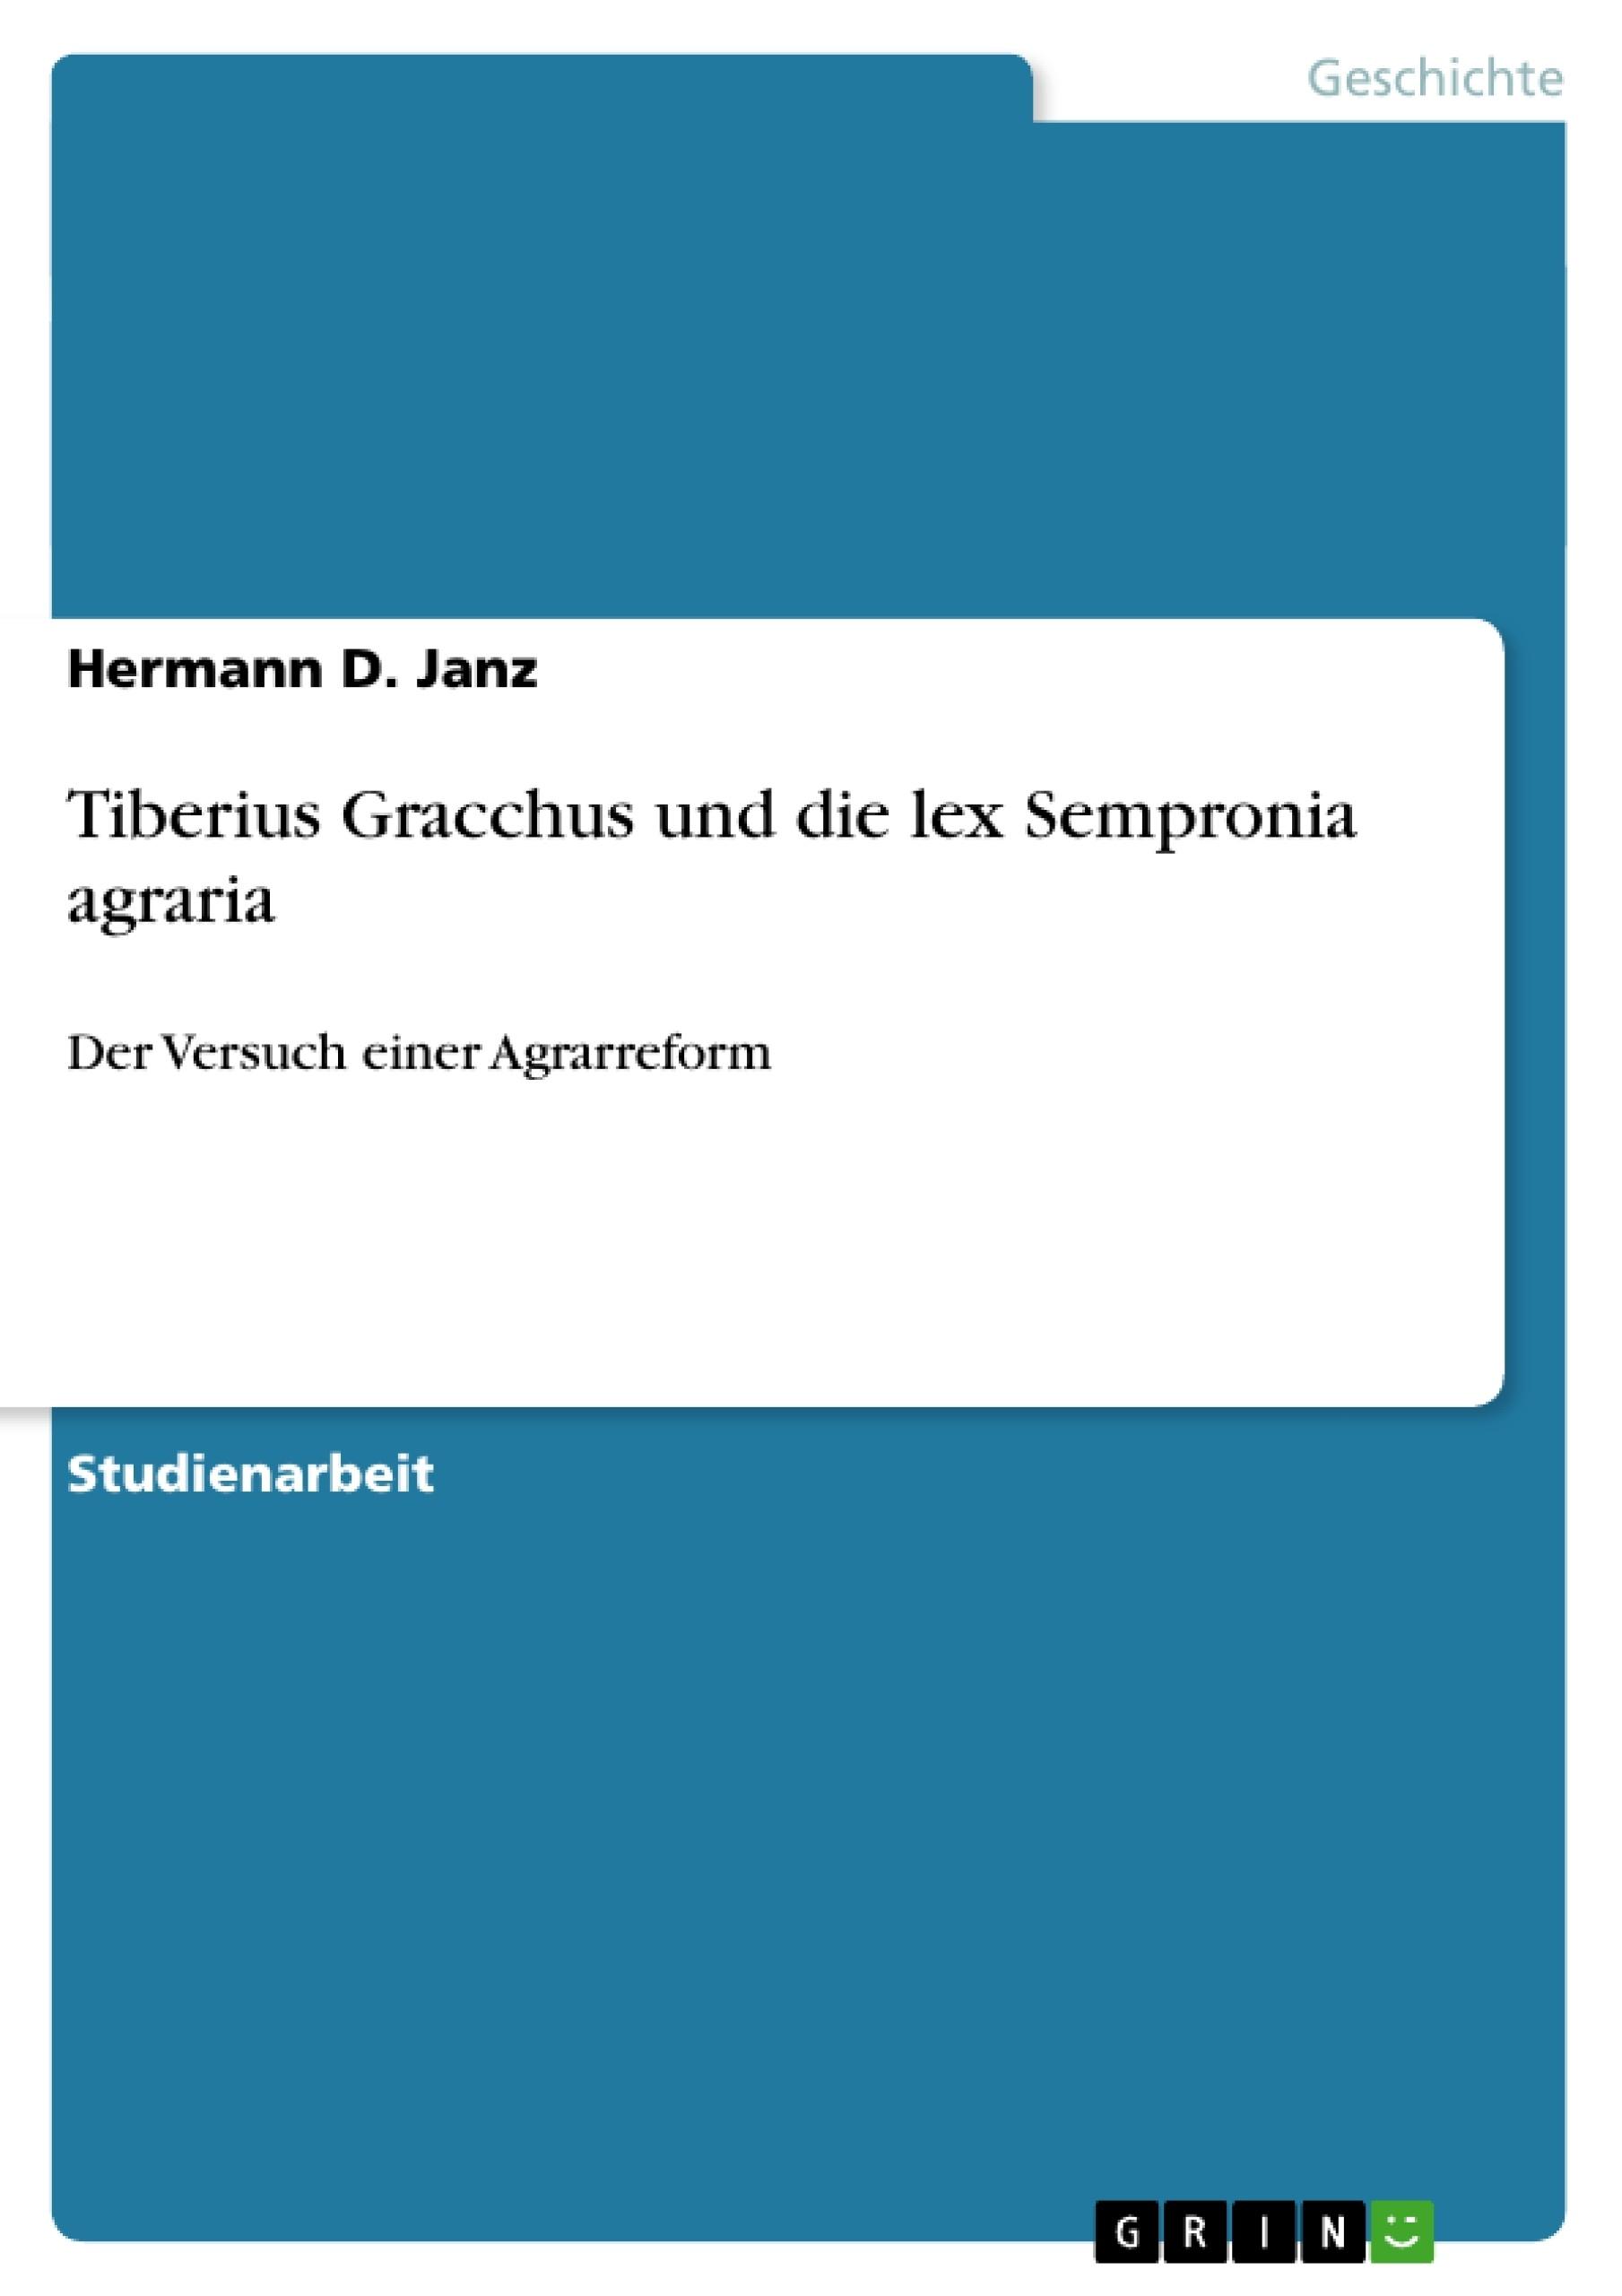 Titel: Tiberius Gracchus und die lex Sempronia agraria